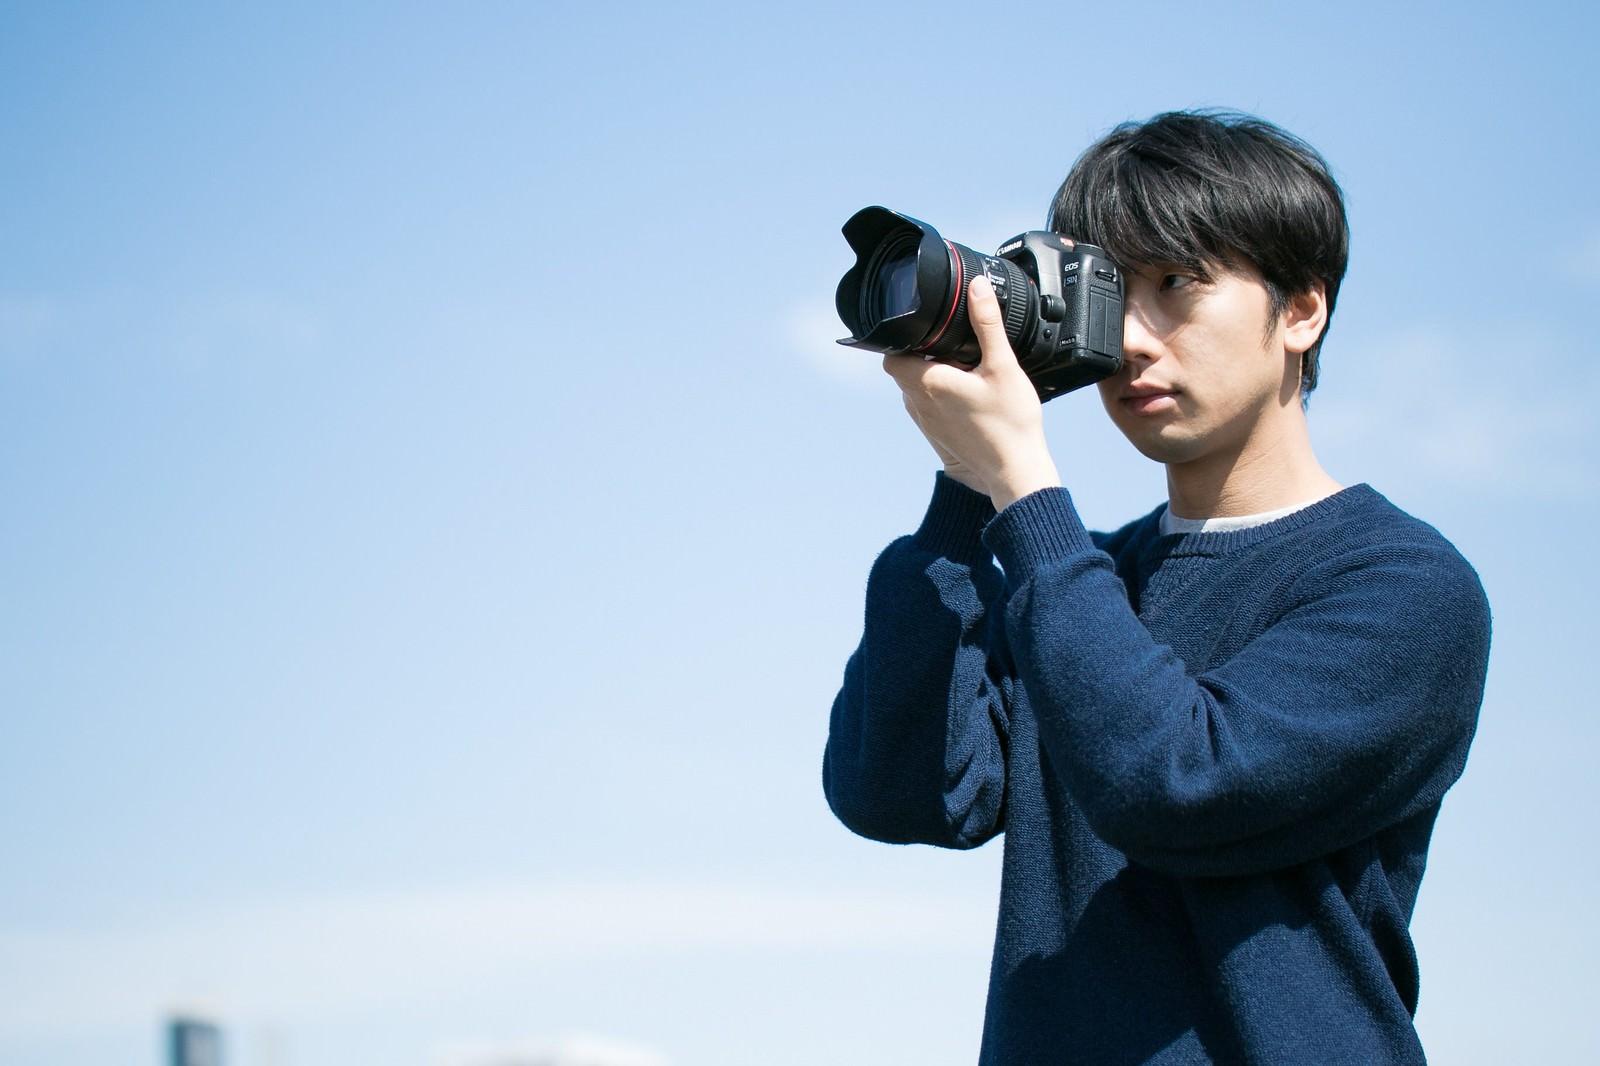 「フルサイズ機でガチ撮り中のカメラ男子」の写真[モデル:大川竜弥]